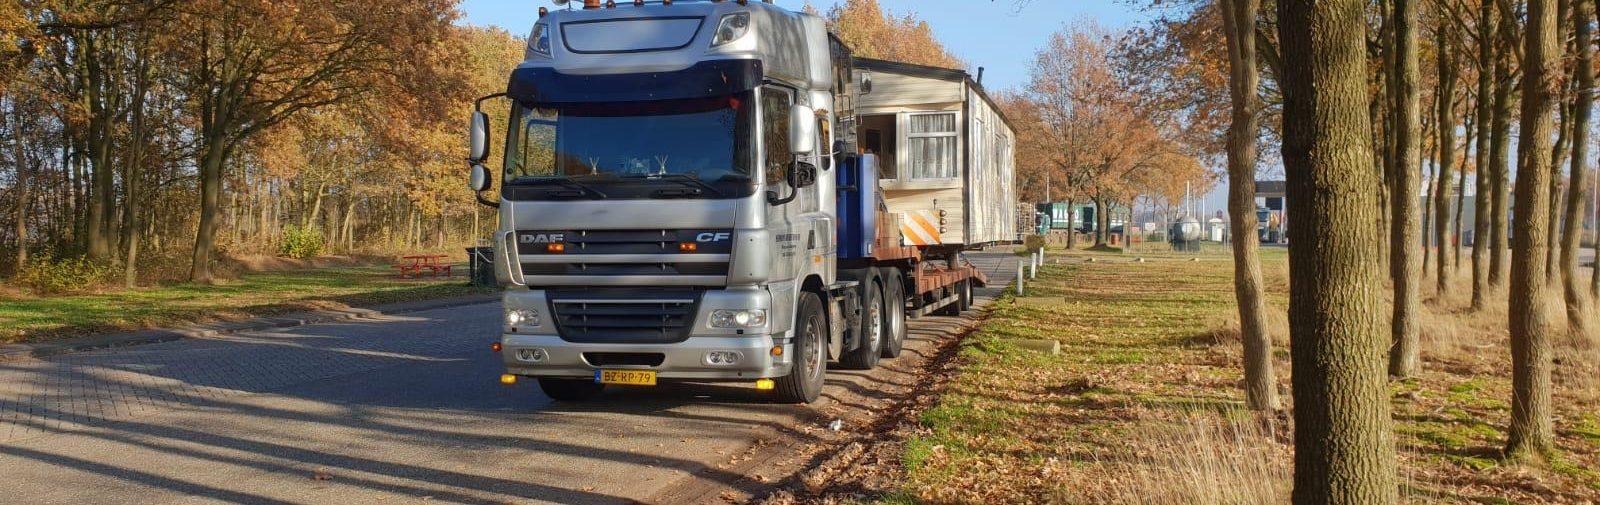 Transport Stacaravan